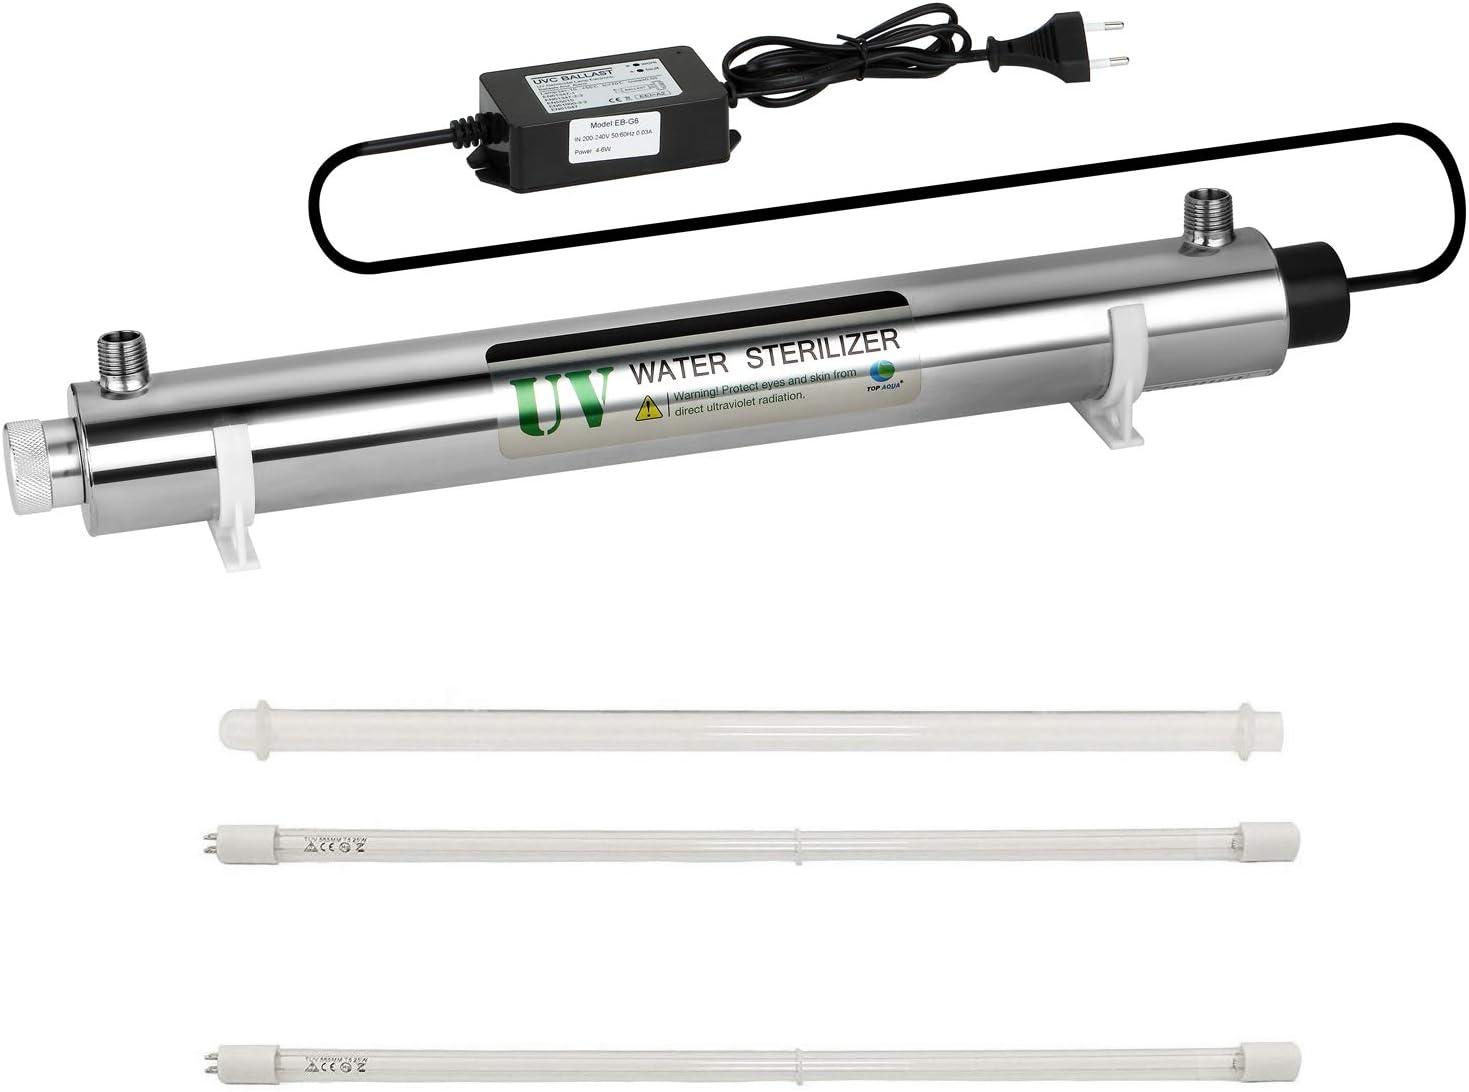 Sistema Tratamiento Filtro Agua UV Ultravioleta,ultra violeta filtro agua,Equipo tratamiento agua 25W 1tonelada,sistema purificación autolimpiante,purificador filtro ultravioleta,eficiente 99,99%